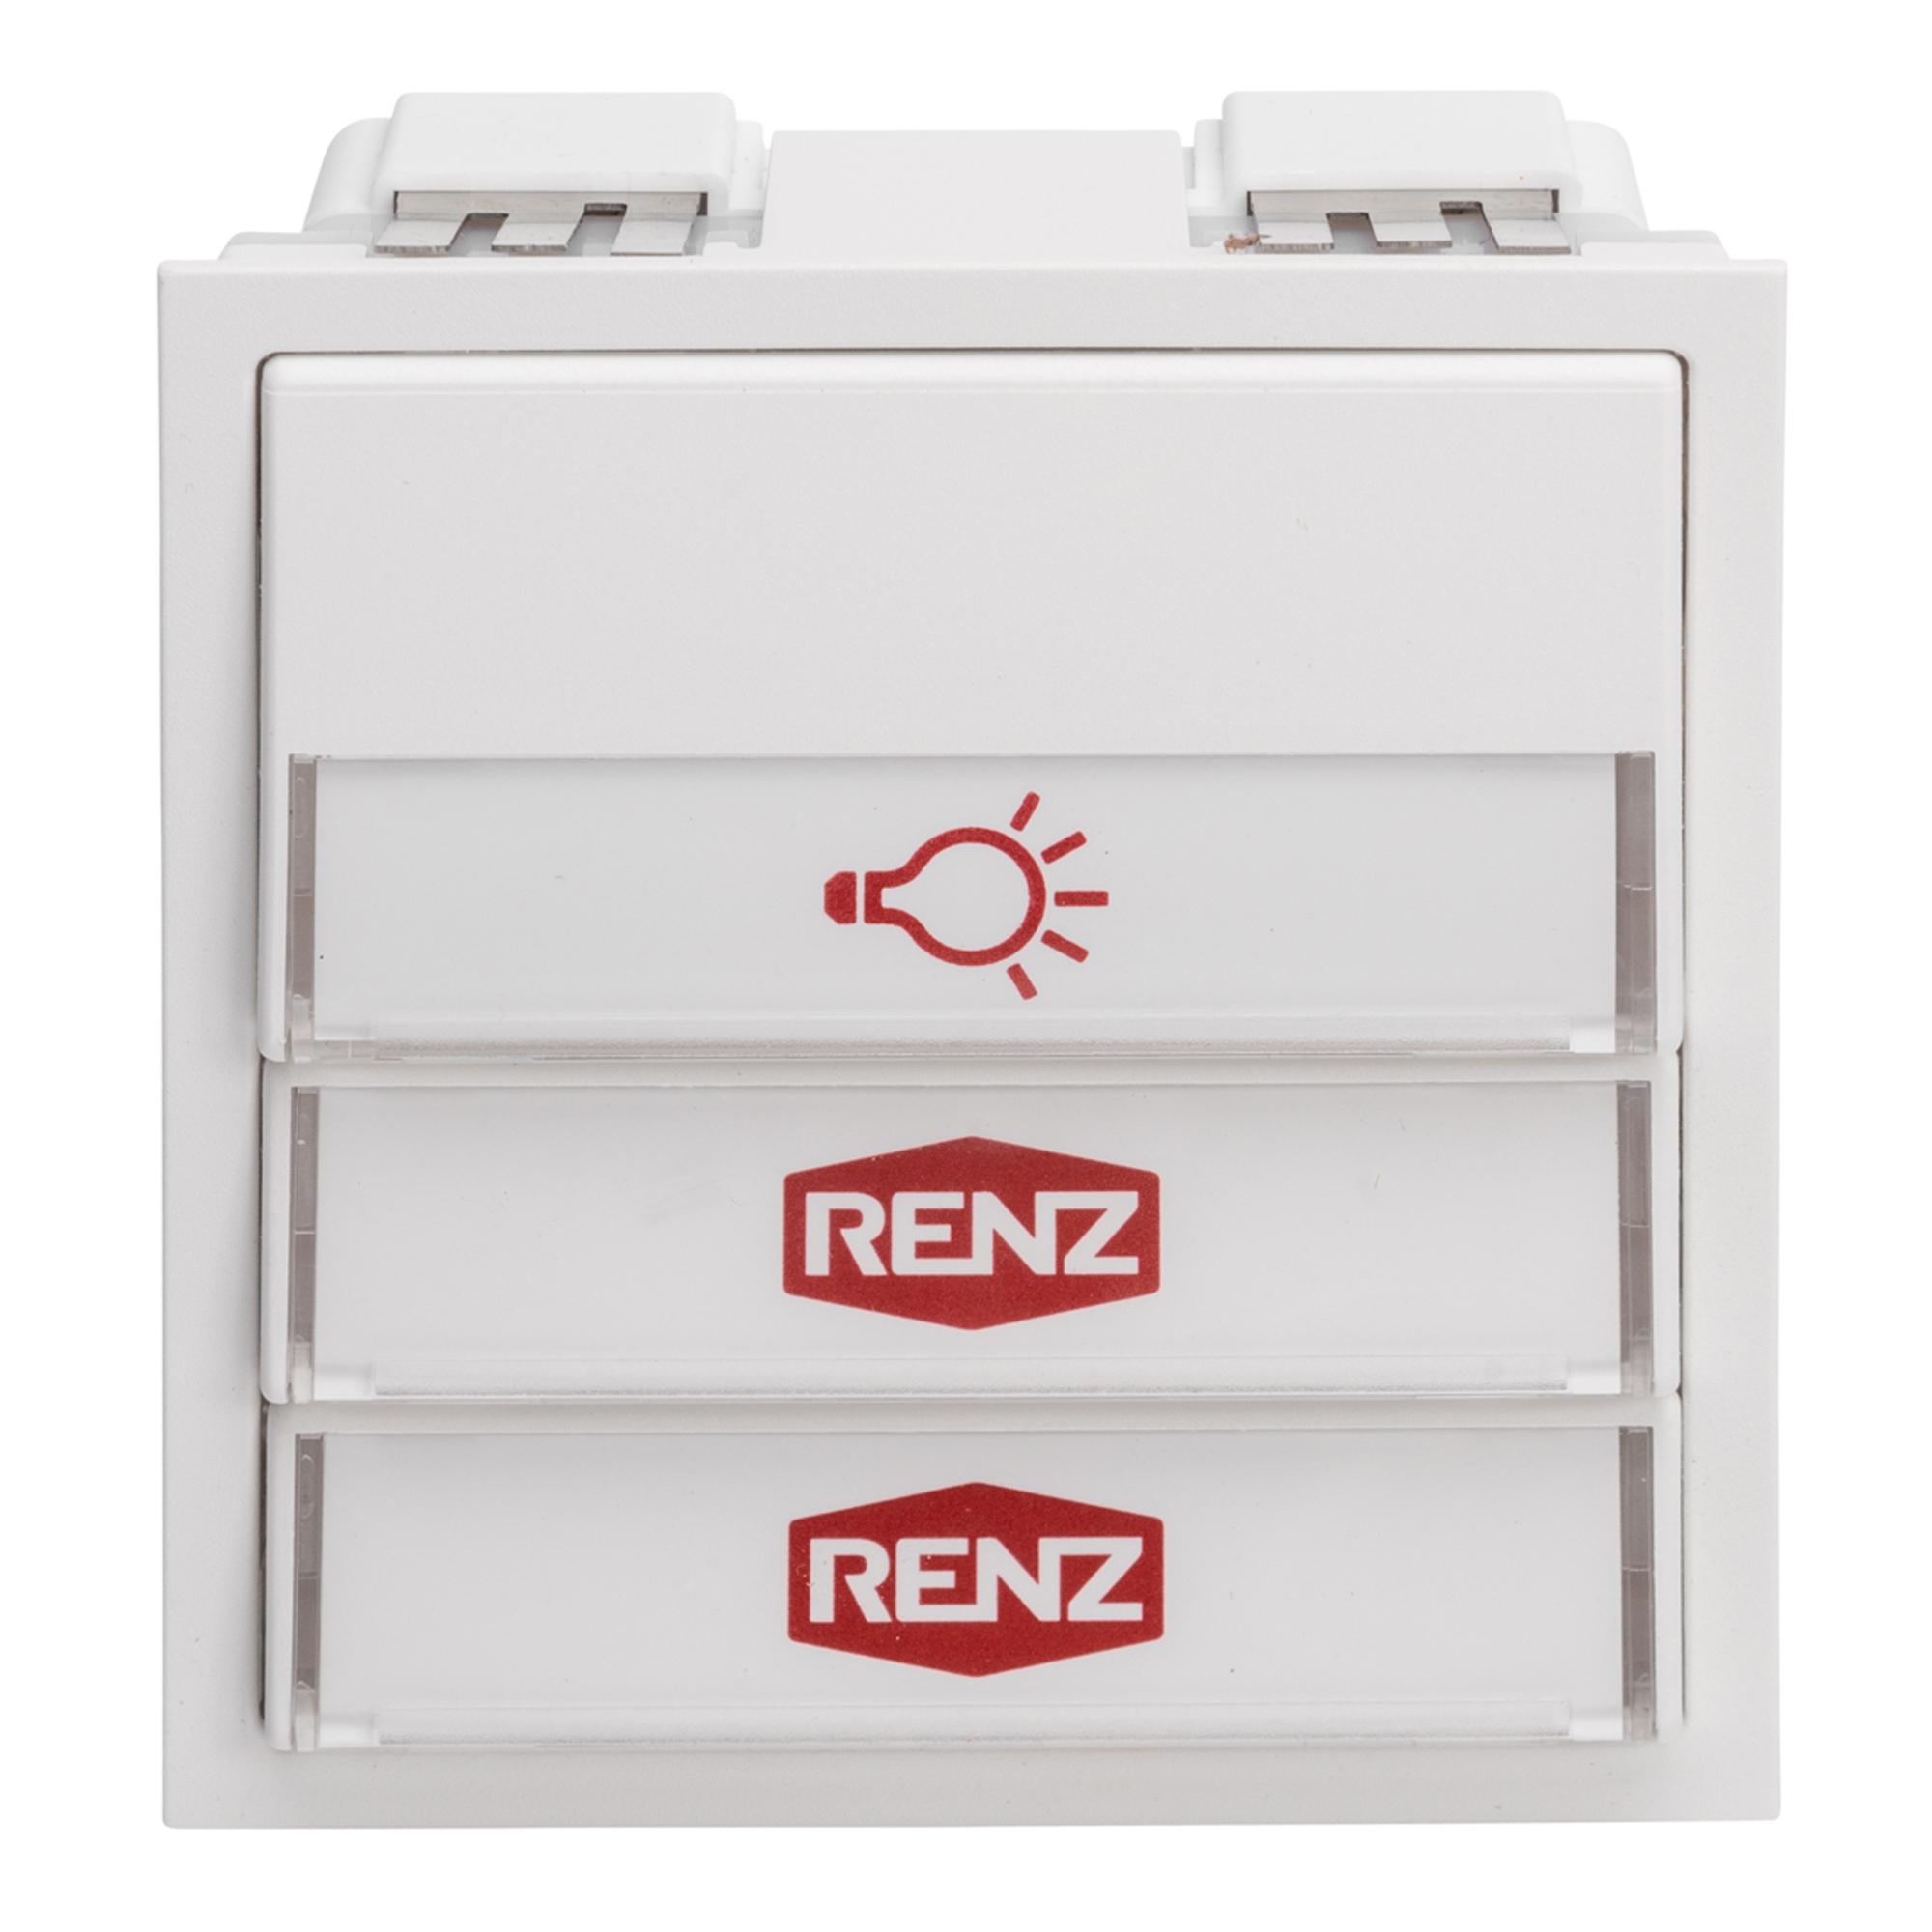 Renz Tastenmodul mit 1 Licht- und 2 Klingeltaster weiß